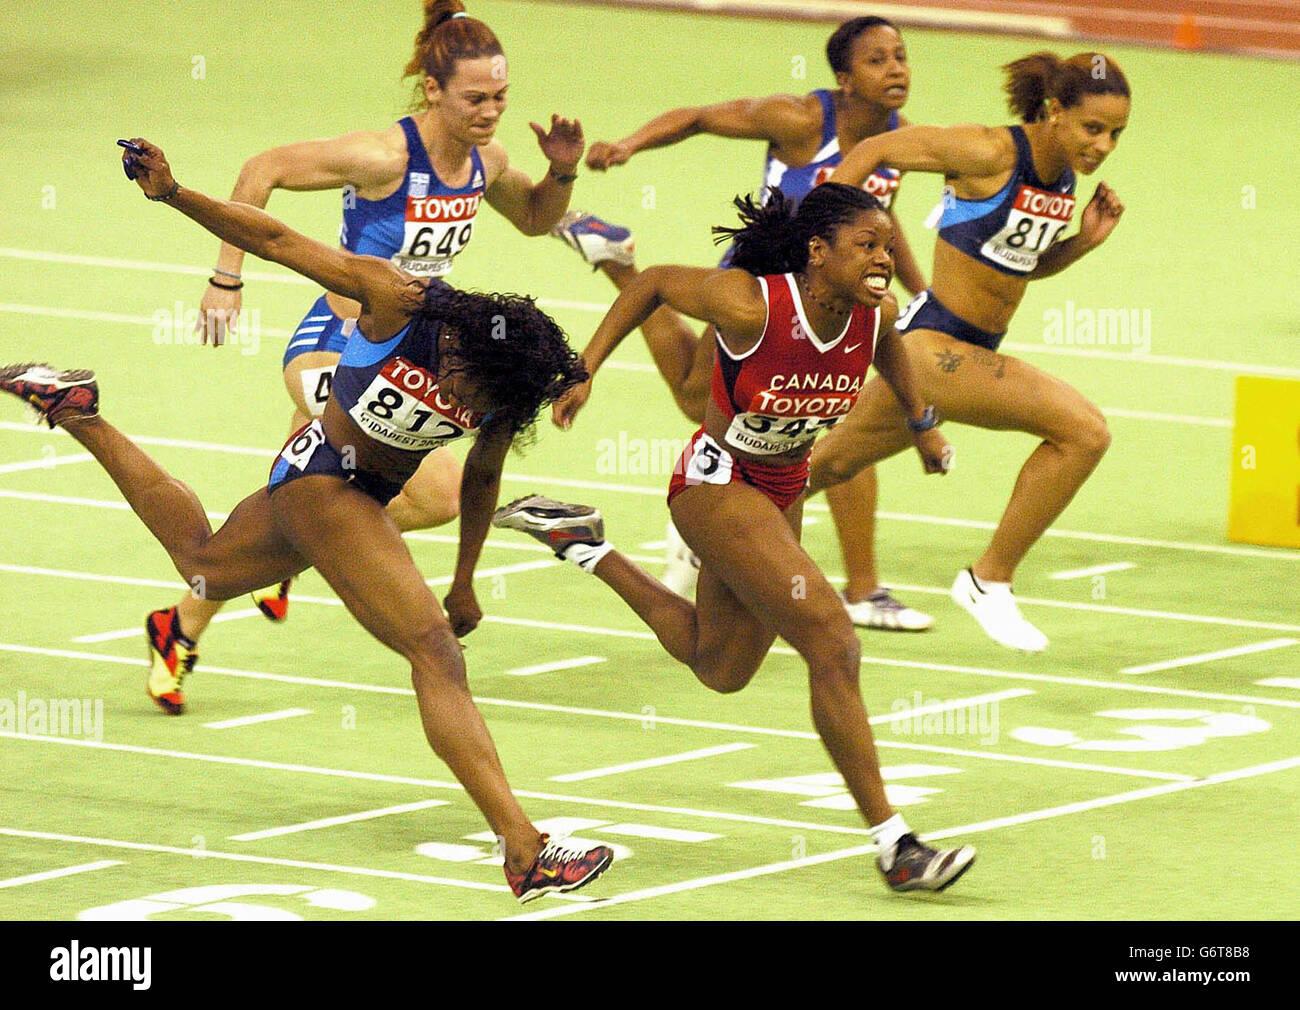 Gail Devers 60m Hurdles Final - Stock Image